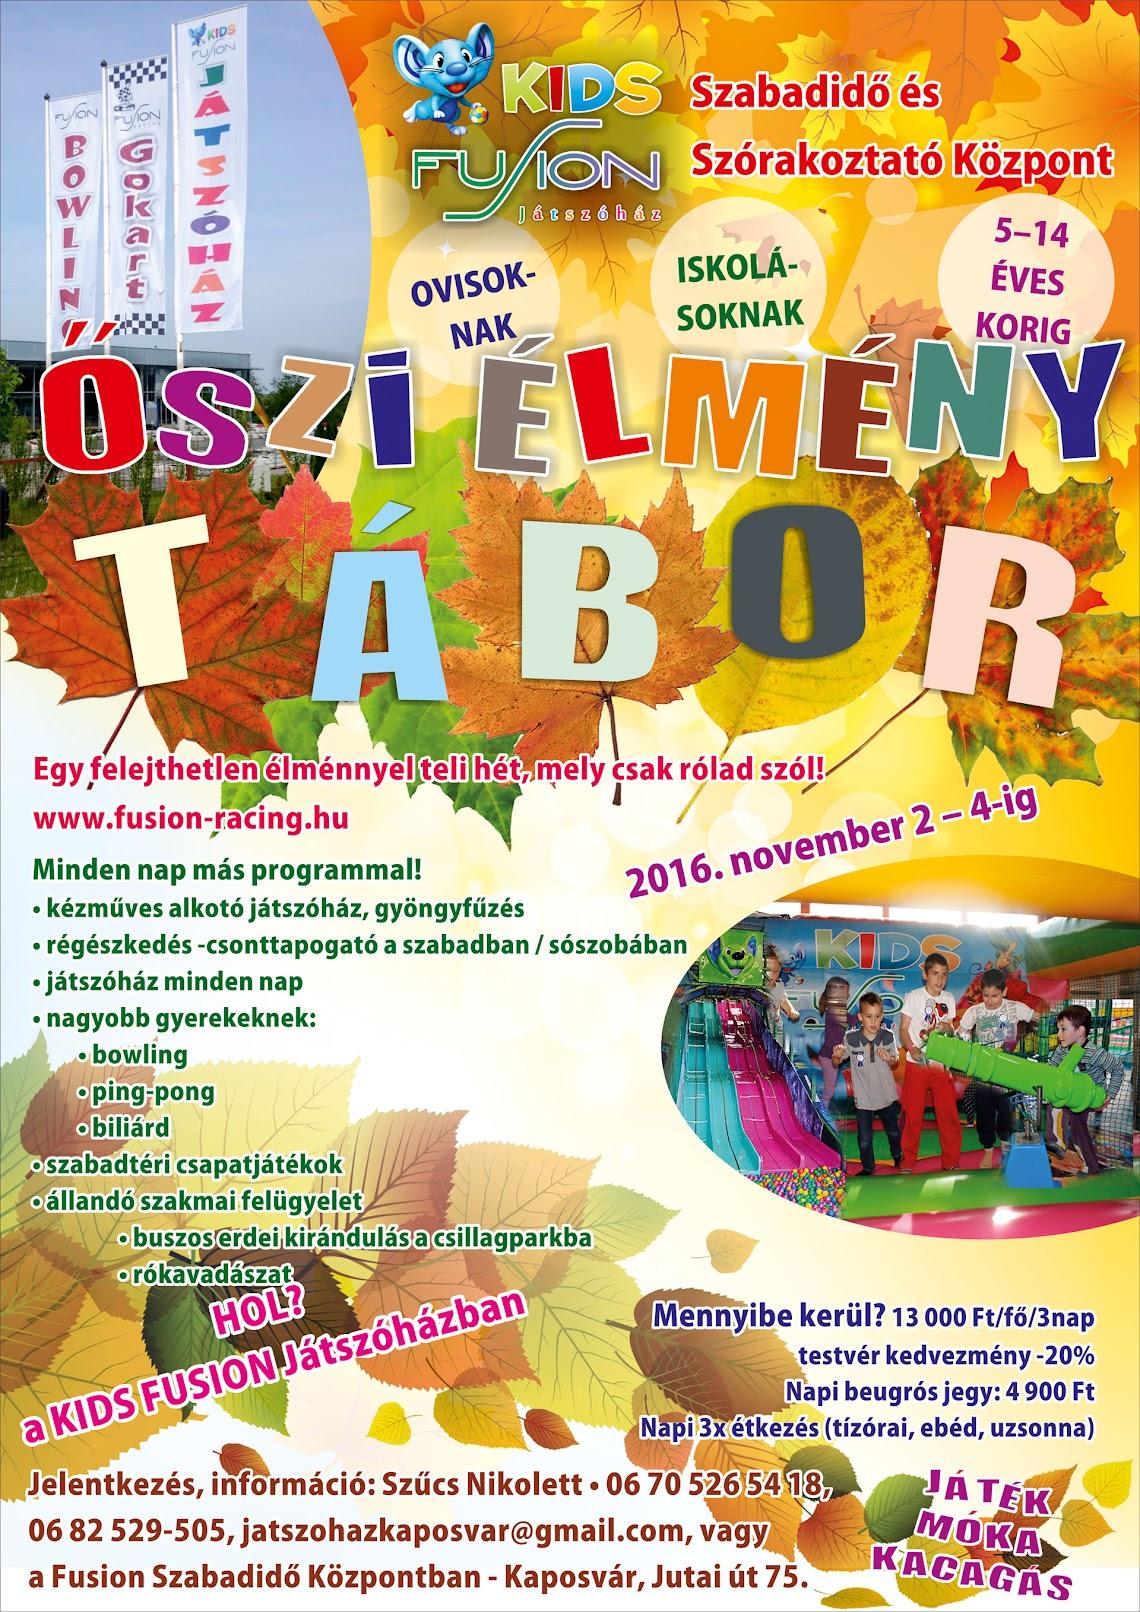 Őszi élménytábor Kaposvár 2016. november 2-4